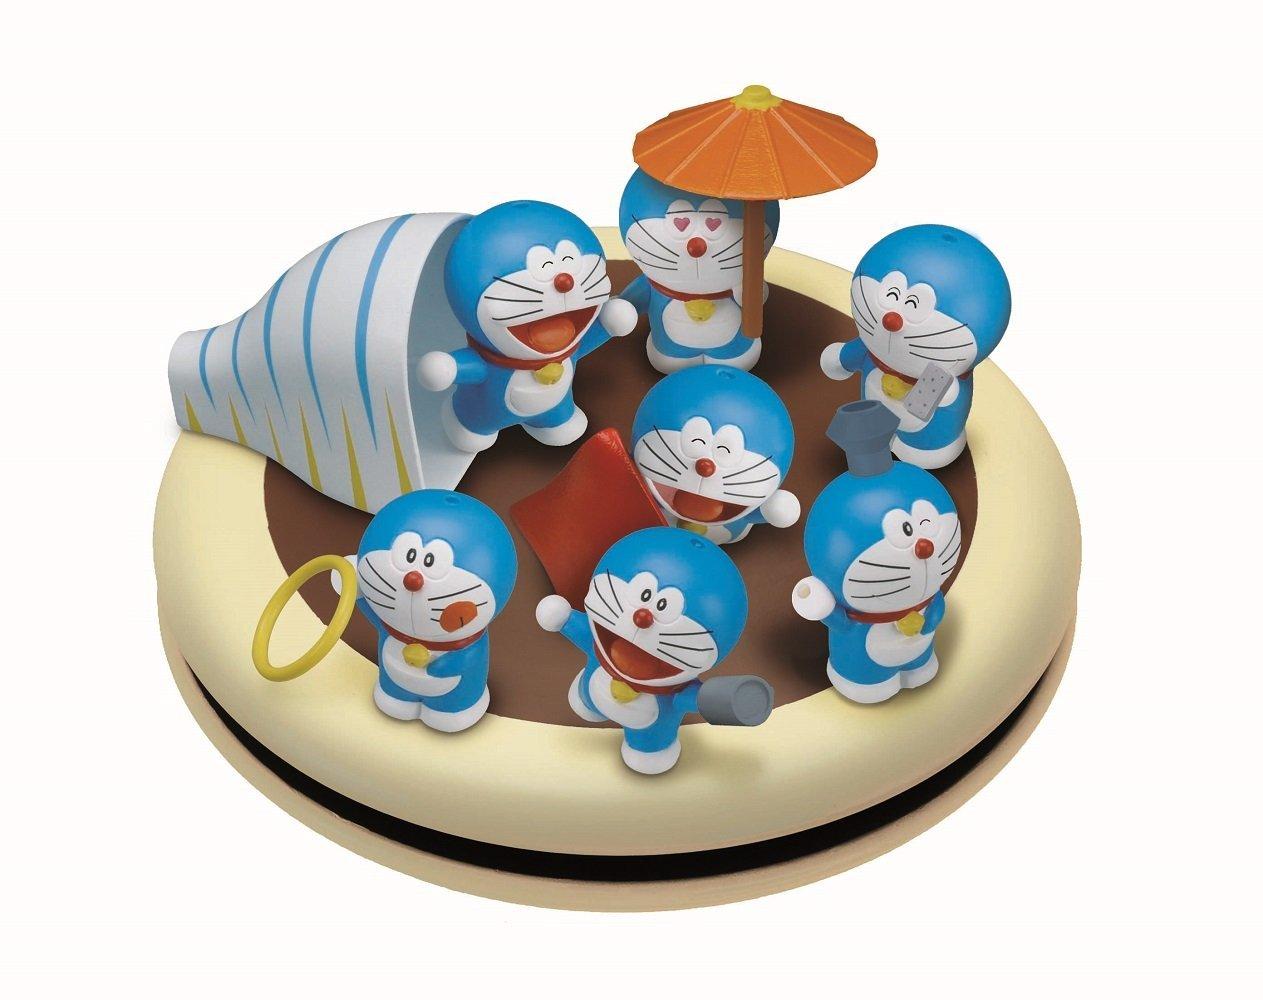 EPOCH 哆啦A梦 秘密道具大组合/时光机平衡玩具组合